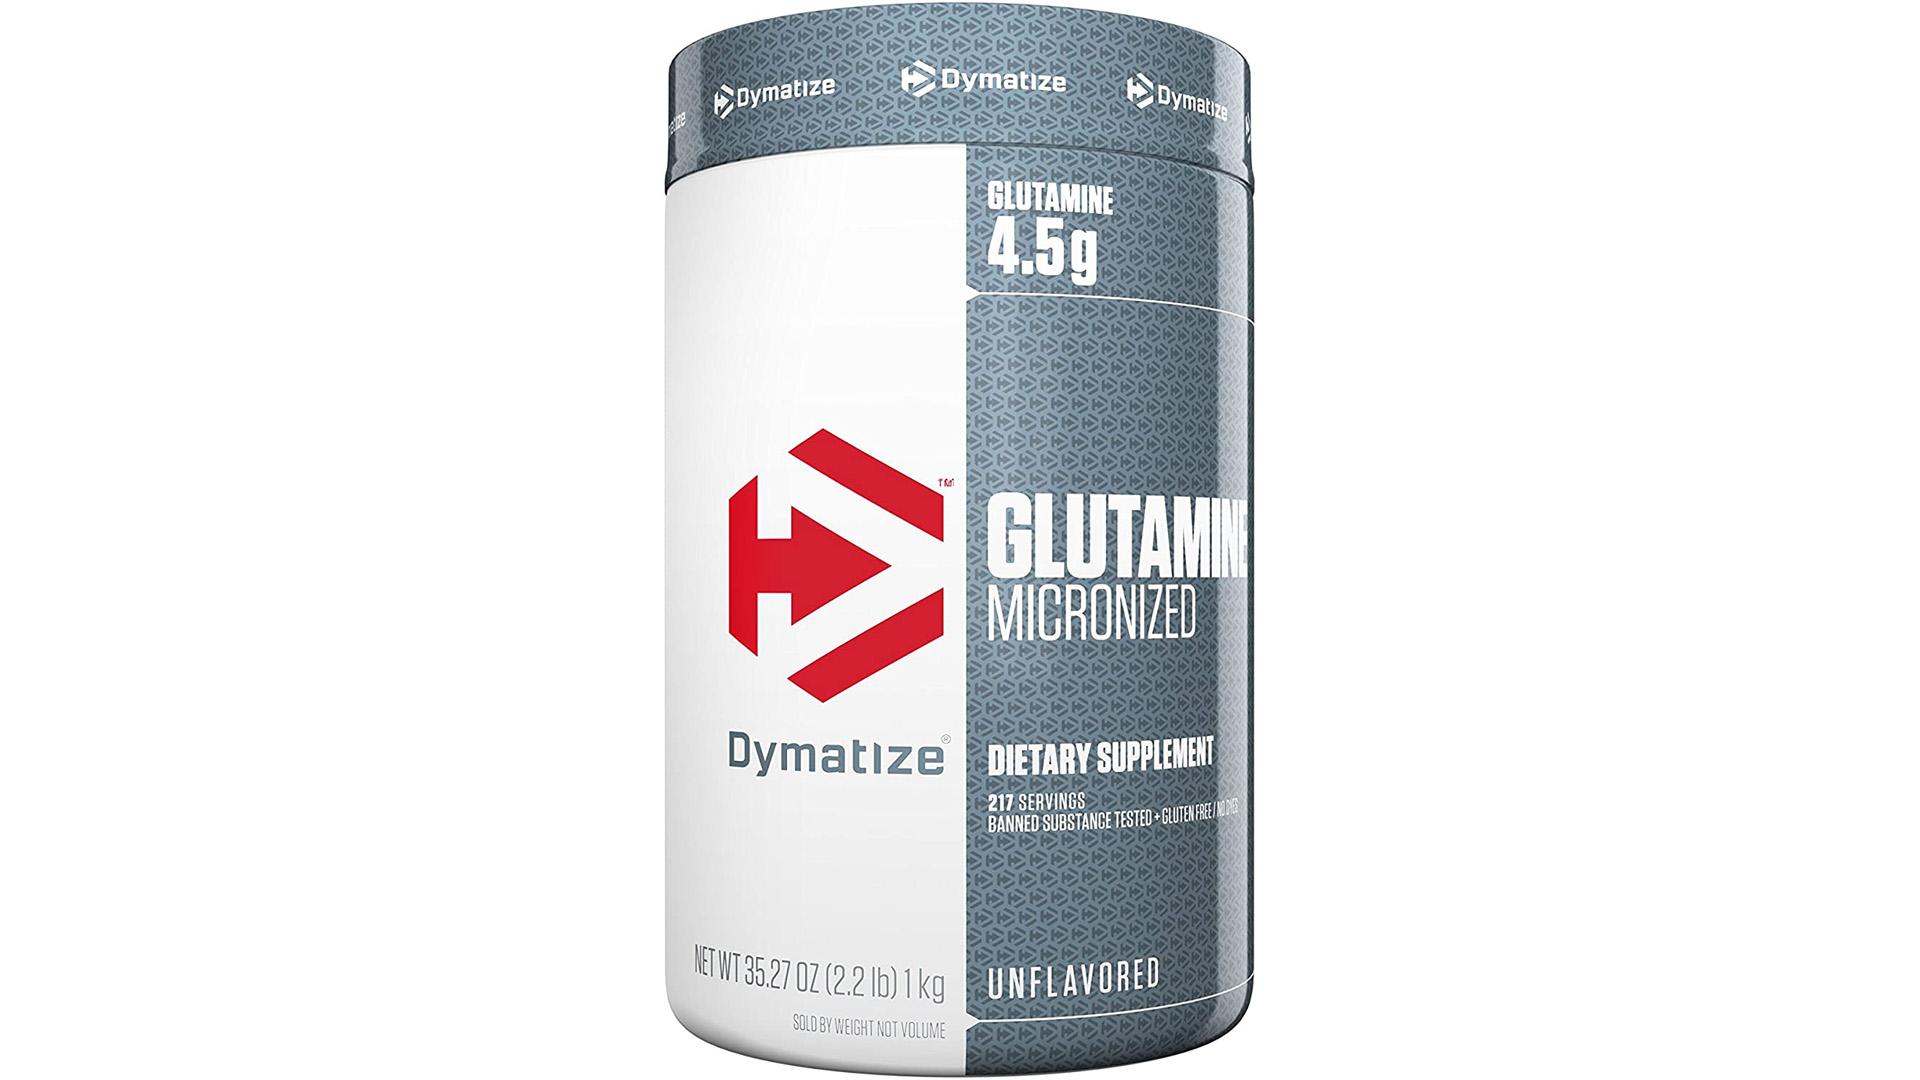 Dymatize Micronized Glutamine